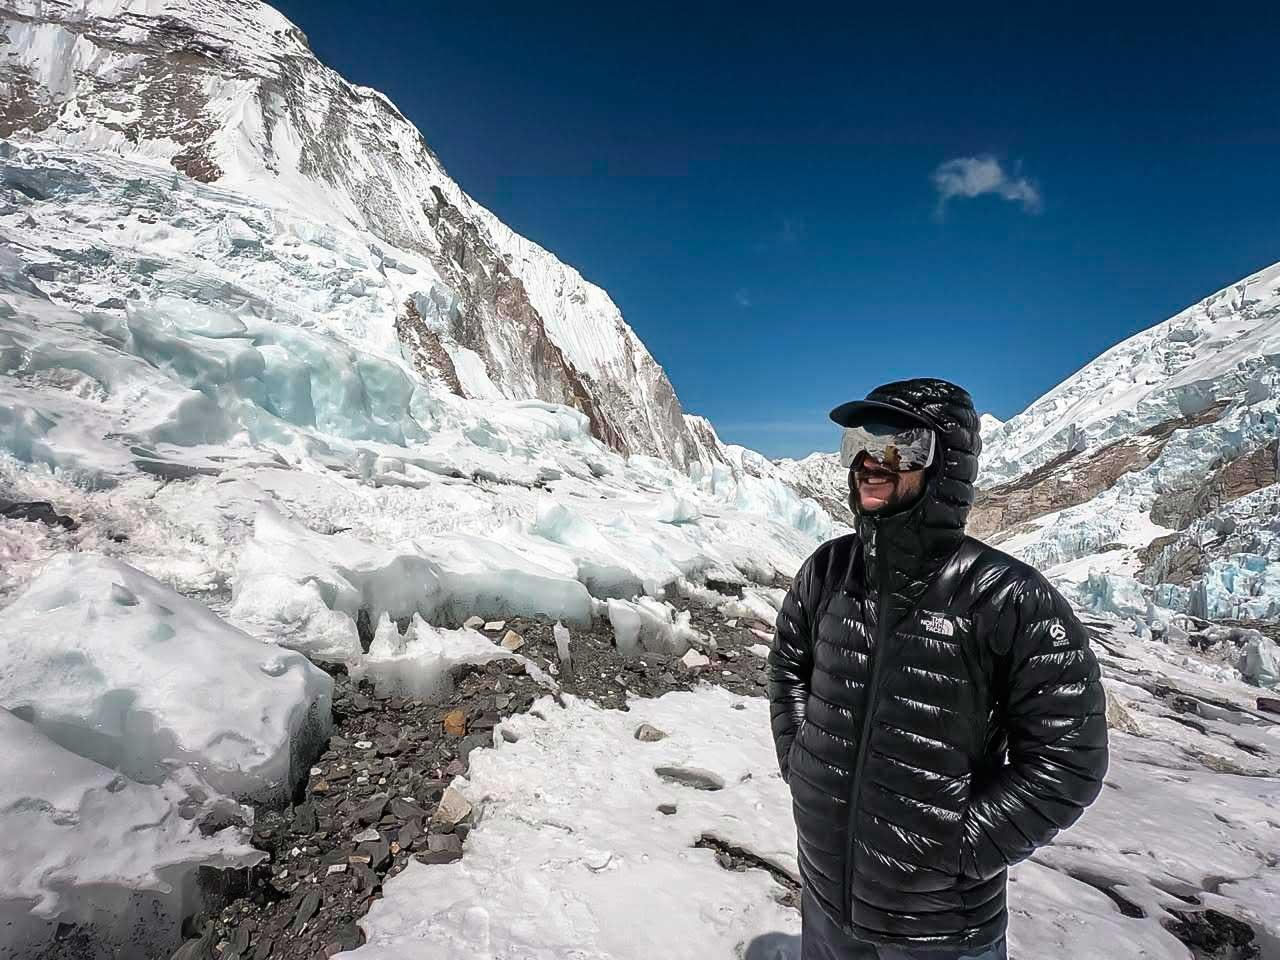 En la inmensidad del Himalaya, pensando en los planes futuros.